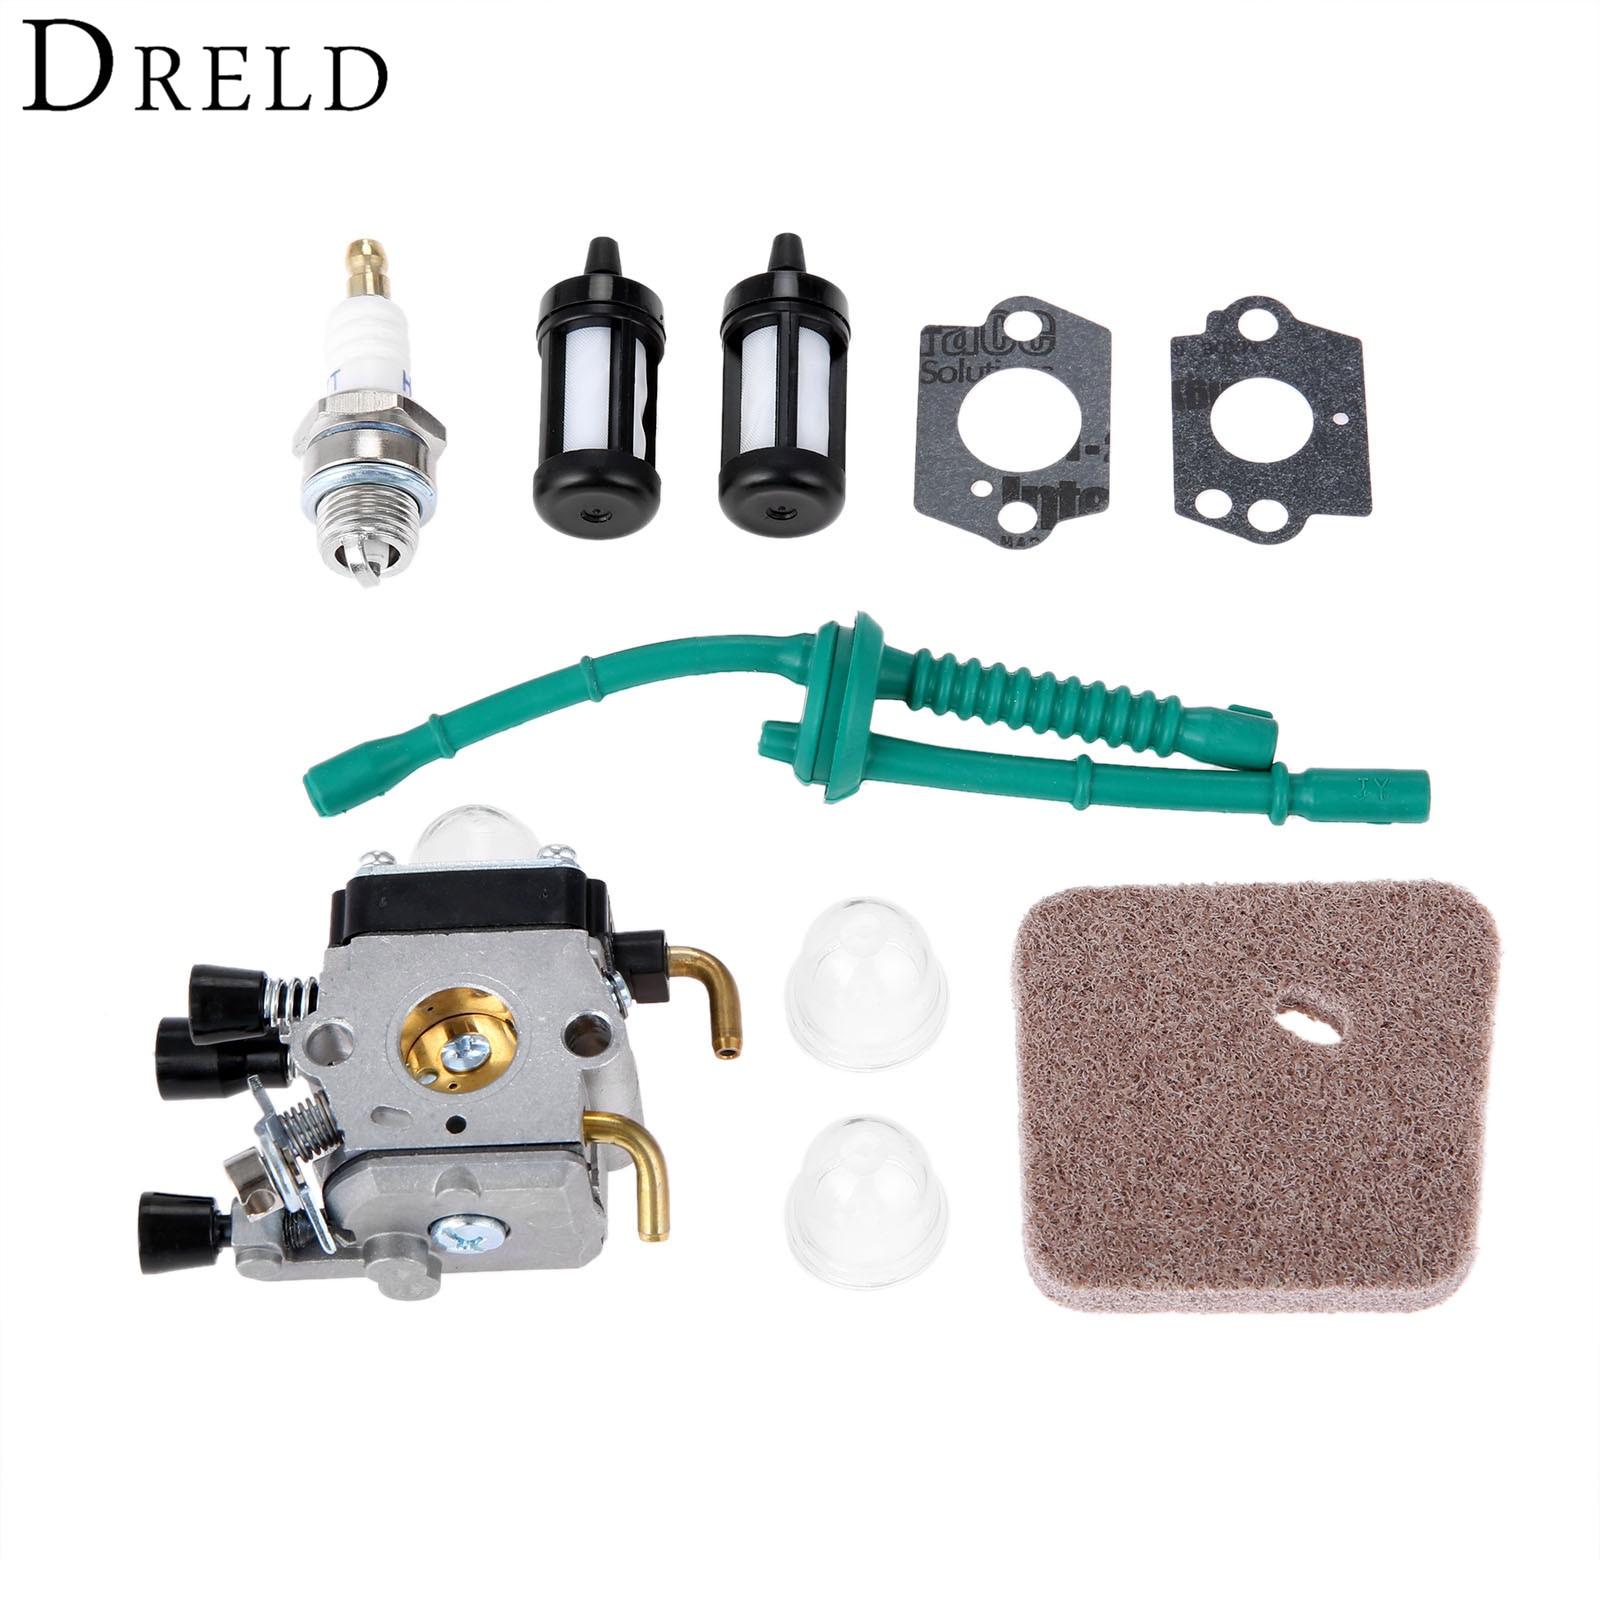 DRELD Carburetor Air Fuel Filter Spark Plug Carb Kit For STIHL FS38 FS45 FS46 FS55 FS55R FS55RC KM55 FS45C FS55T Trimmers Cutter цены